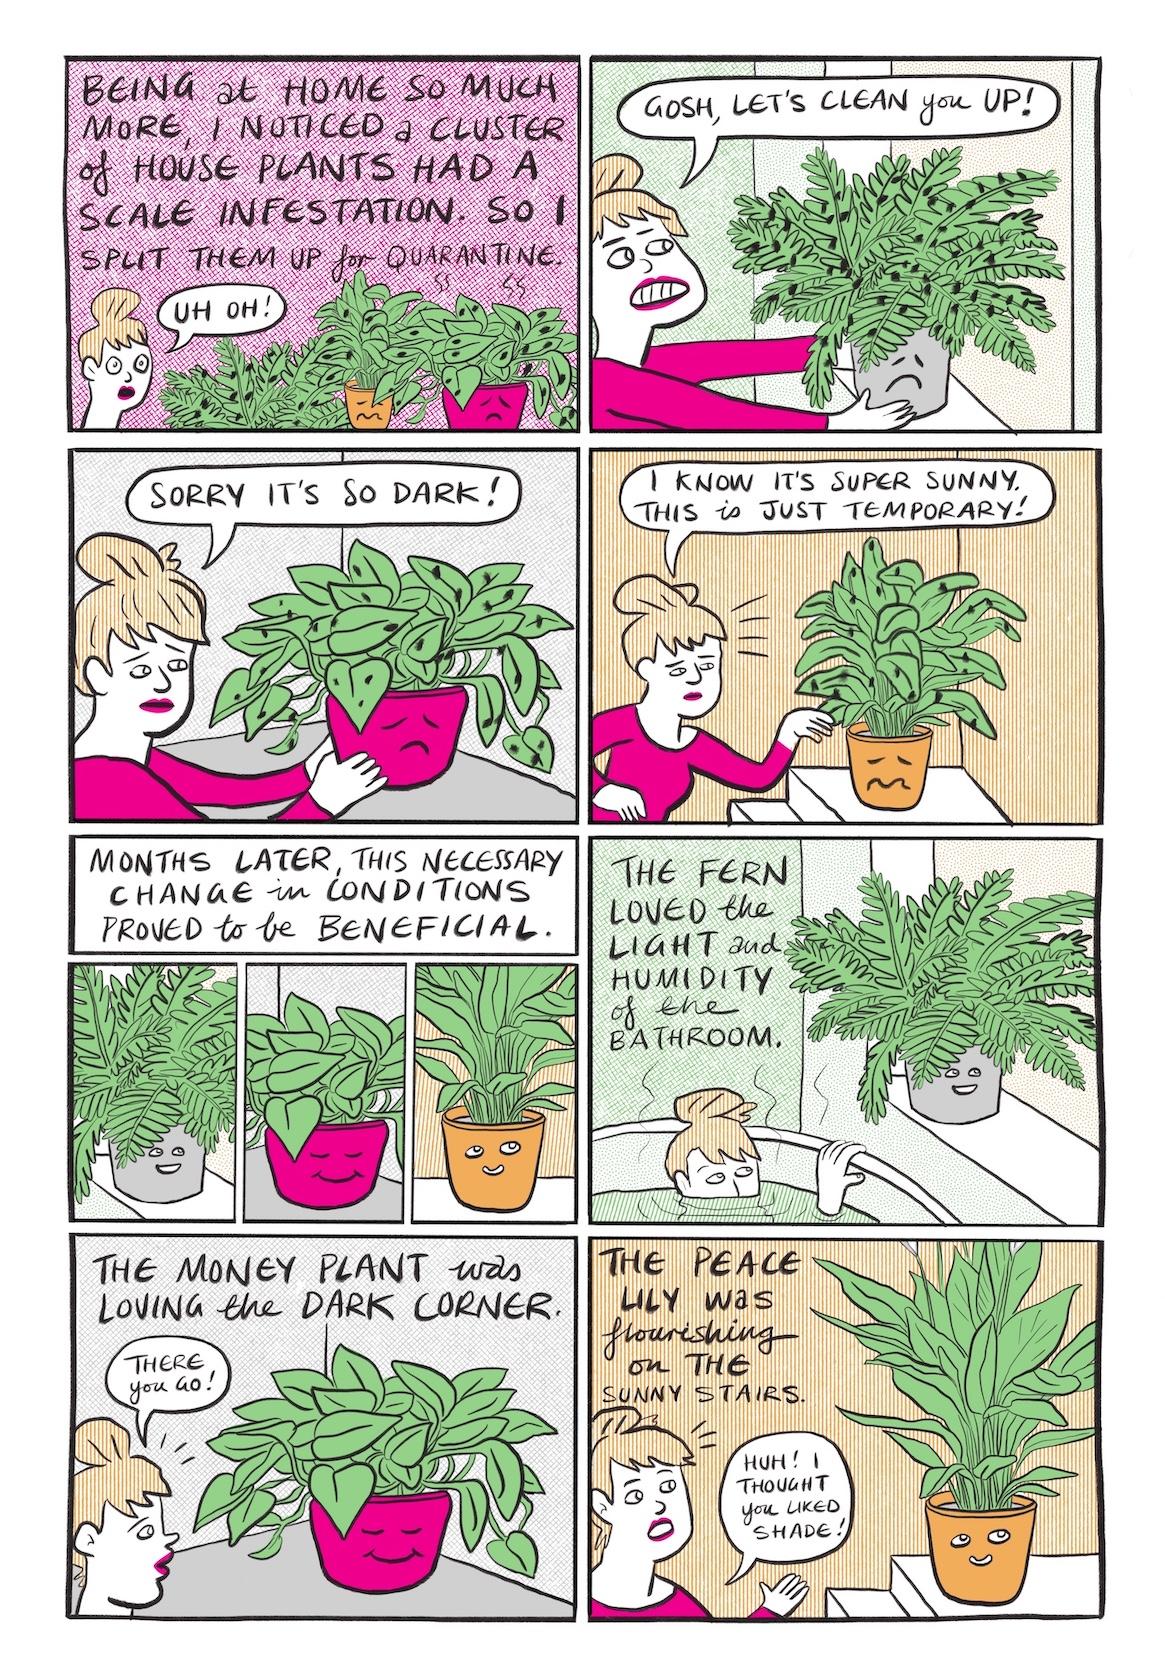 Seite 6: Bild 1: Vor weiß-pink meliertem Hintergrund sind drei Pflanzen zu sehen, die mit schwarzen Punkten, Schildläusen, übersäht sind. Bei zweien, auf der rechten Seite des Bildes, ist auch der Topf, links orange, rechts pink, zu sehen. Beide gucken unglücklich drein. Links sieht man die Protagonistin halsaufwärts, ihr Mund ist geöffnet und ihre Augen ebenfalls weit aufgerissen. In einer Sprechblase vor ihrem Mund steht Uh Oh! Darüber steht…  Als ich so viel mehr zu Hause war, bemerkte ich, dass eine Gruppe von Zimmerpflanzen einen Schildlausbefall hatte. Also habe ich sie aus Quarantänezwecken aufgeteilt.   Bild 2: Die Protagonistin stellt eine der Pflanzen des vorherigen Bildes, einen Farn in einem grauen Topf mit traurigem Gesicht, der ebenfalls mit Schildläusen übersäht ist, auf die Fensterbank eines hellgrünen Raumes. Sie blickt die Pflanze besorgt an und zeigt dabei ihre Zähne. In einer Sprechblase, die aus ihrem Mund kommt, steht…  Mein Gott, wir machen dich jetzt sauber!  Bild 3: Die Protagonistin stellt die Pflanze in dem pinkfarbenen Topf auf einen grauen Tisch in einem hellgrauen Raum. Auch das Gesicht auf dieser Pflanze schaut traurig und ist mit Schildläusen übersäht. Die Protagonistin blickt auch hier erneut besorgt, ihre Augenbrauen sind nach unten gezogen. Auf einer Sprechblase, die aus ihrem Mund kommt, steht…  Tut mir leid, dass es so dunkel ist!  Bild 4: In einem hellorangenem Raum stellt die Protagonistin, weiterhin im pinkfarbenem Langarm-Shirt, die Pflanze in dem orangenen Blumentopf, auch dieser hat ein zerknirschtes Gesicht aufgezeichnet, auf eine weiße Kommode. Sie blickt auch diese Pflanze besorgt an und berührt eine ihrer Blätter. In einer Sprechblase, die aus ihrem Mund kommt, steht …   Ich weiß, es ist super sonnig, aber das ist nur vorübergehend!  Bild 5: Die drei Pflanzen sind in drei einzelnen Quadraten nebeneinander dargestellt. Alle drei lächeln nun und haben keine Schildläuse mehr auf sich. Darüber steht…  Monate später erwies s